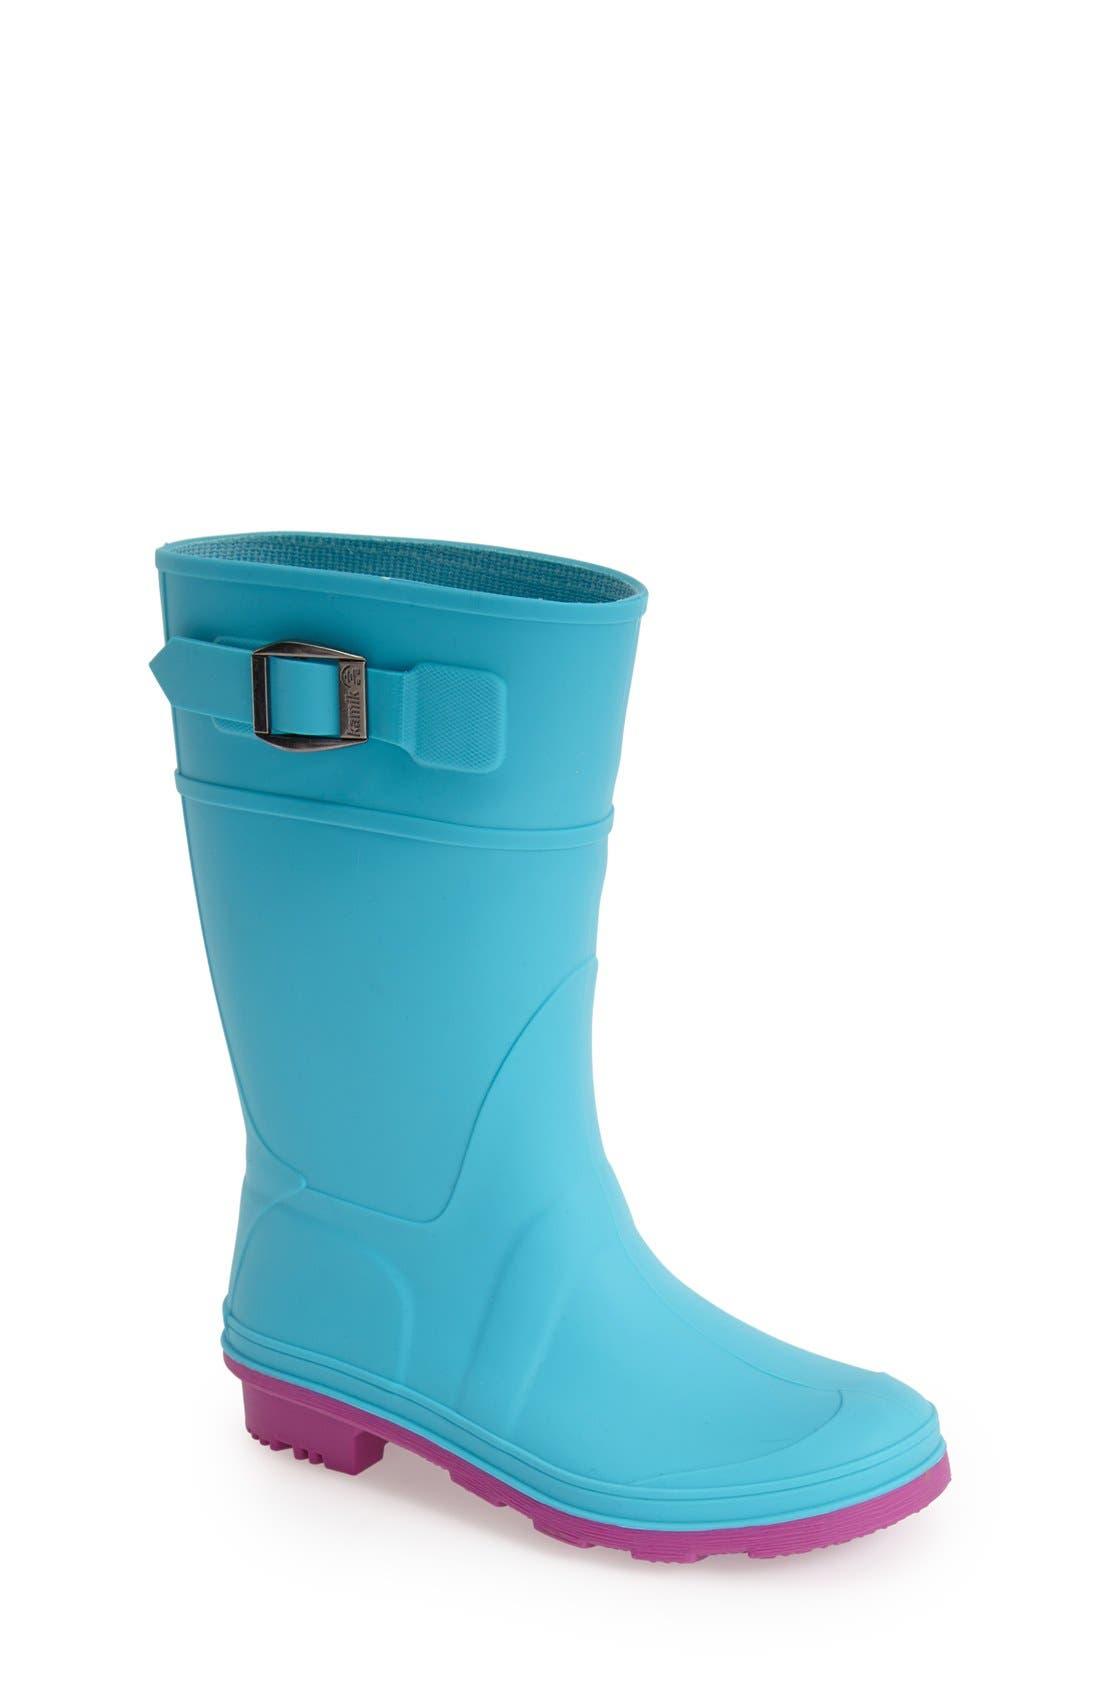 Kamik Raindrops Rain Boot